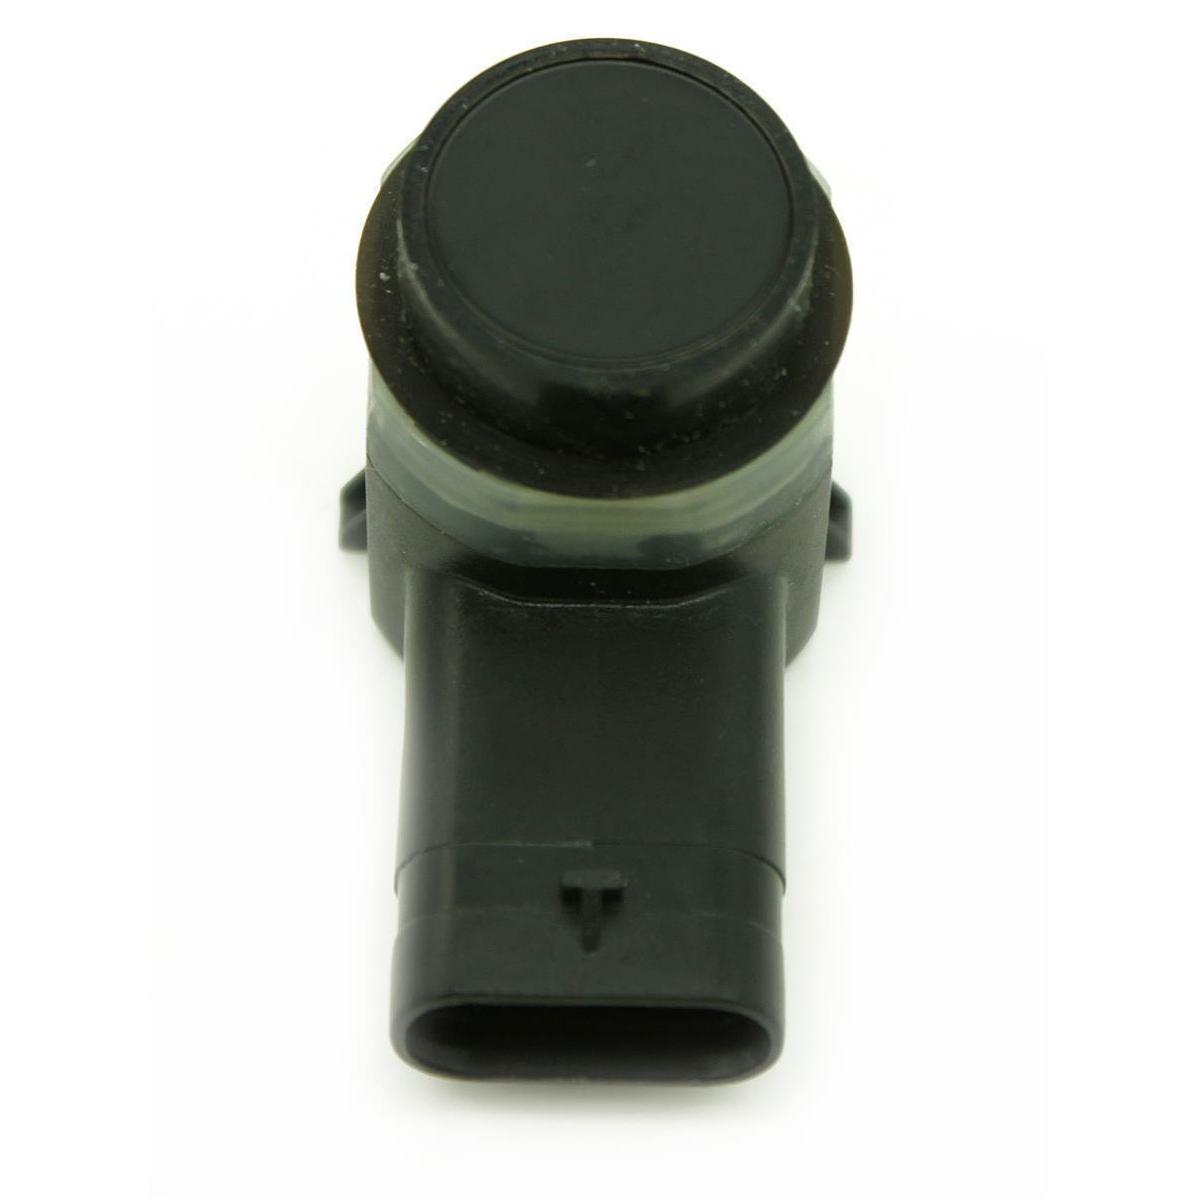 Park sensor 30786321 for Volvo PDC Parktronic